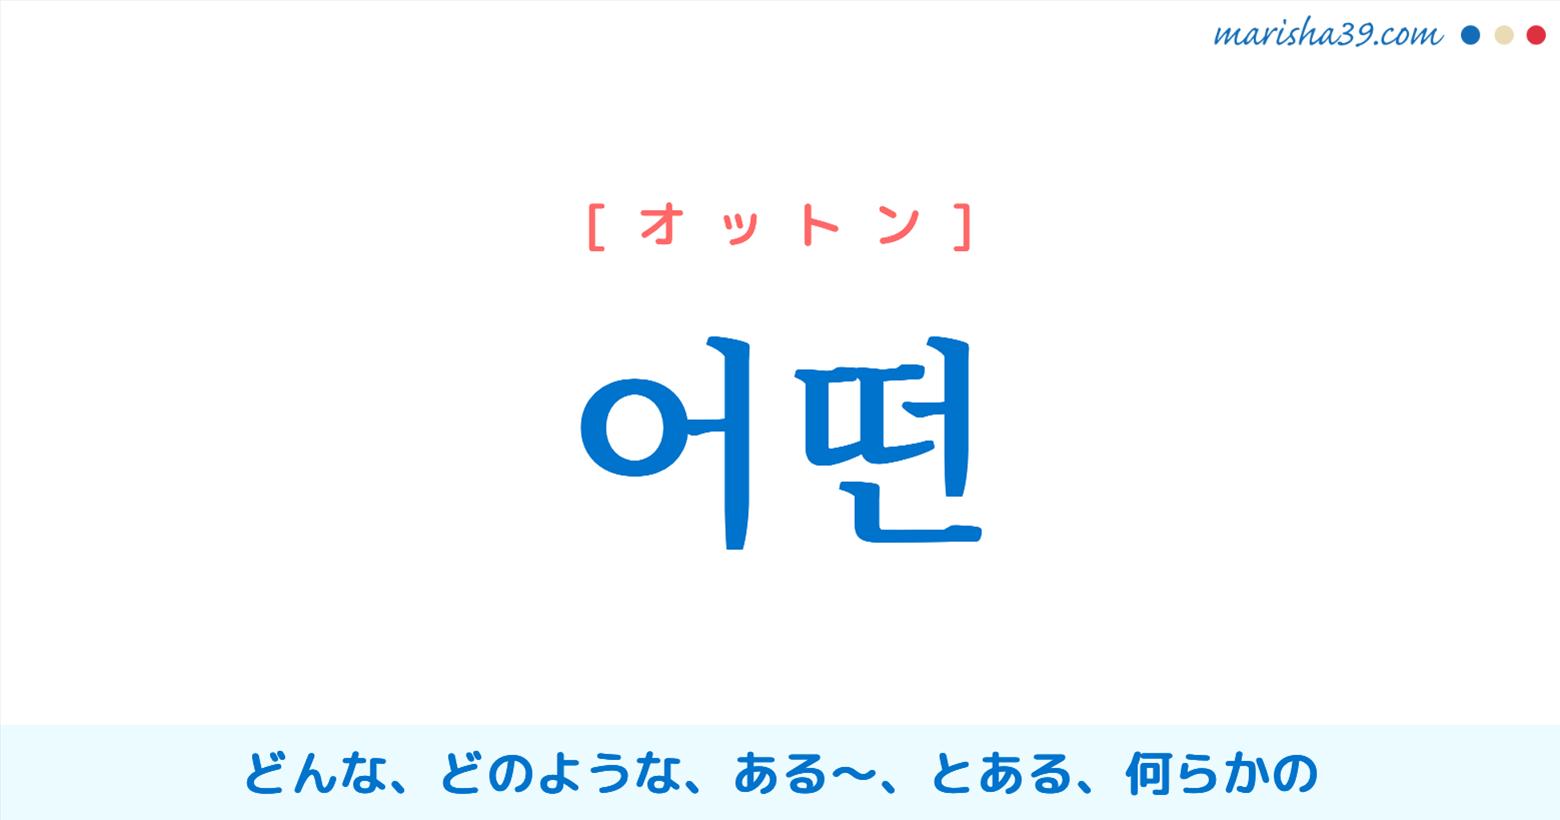 韓国語単語・ハングル 어떤 [オットン] どんな、どのような、ある〜、とある、何らかの、= 어떠한 意味・活用・読み方と音声発音